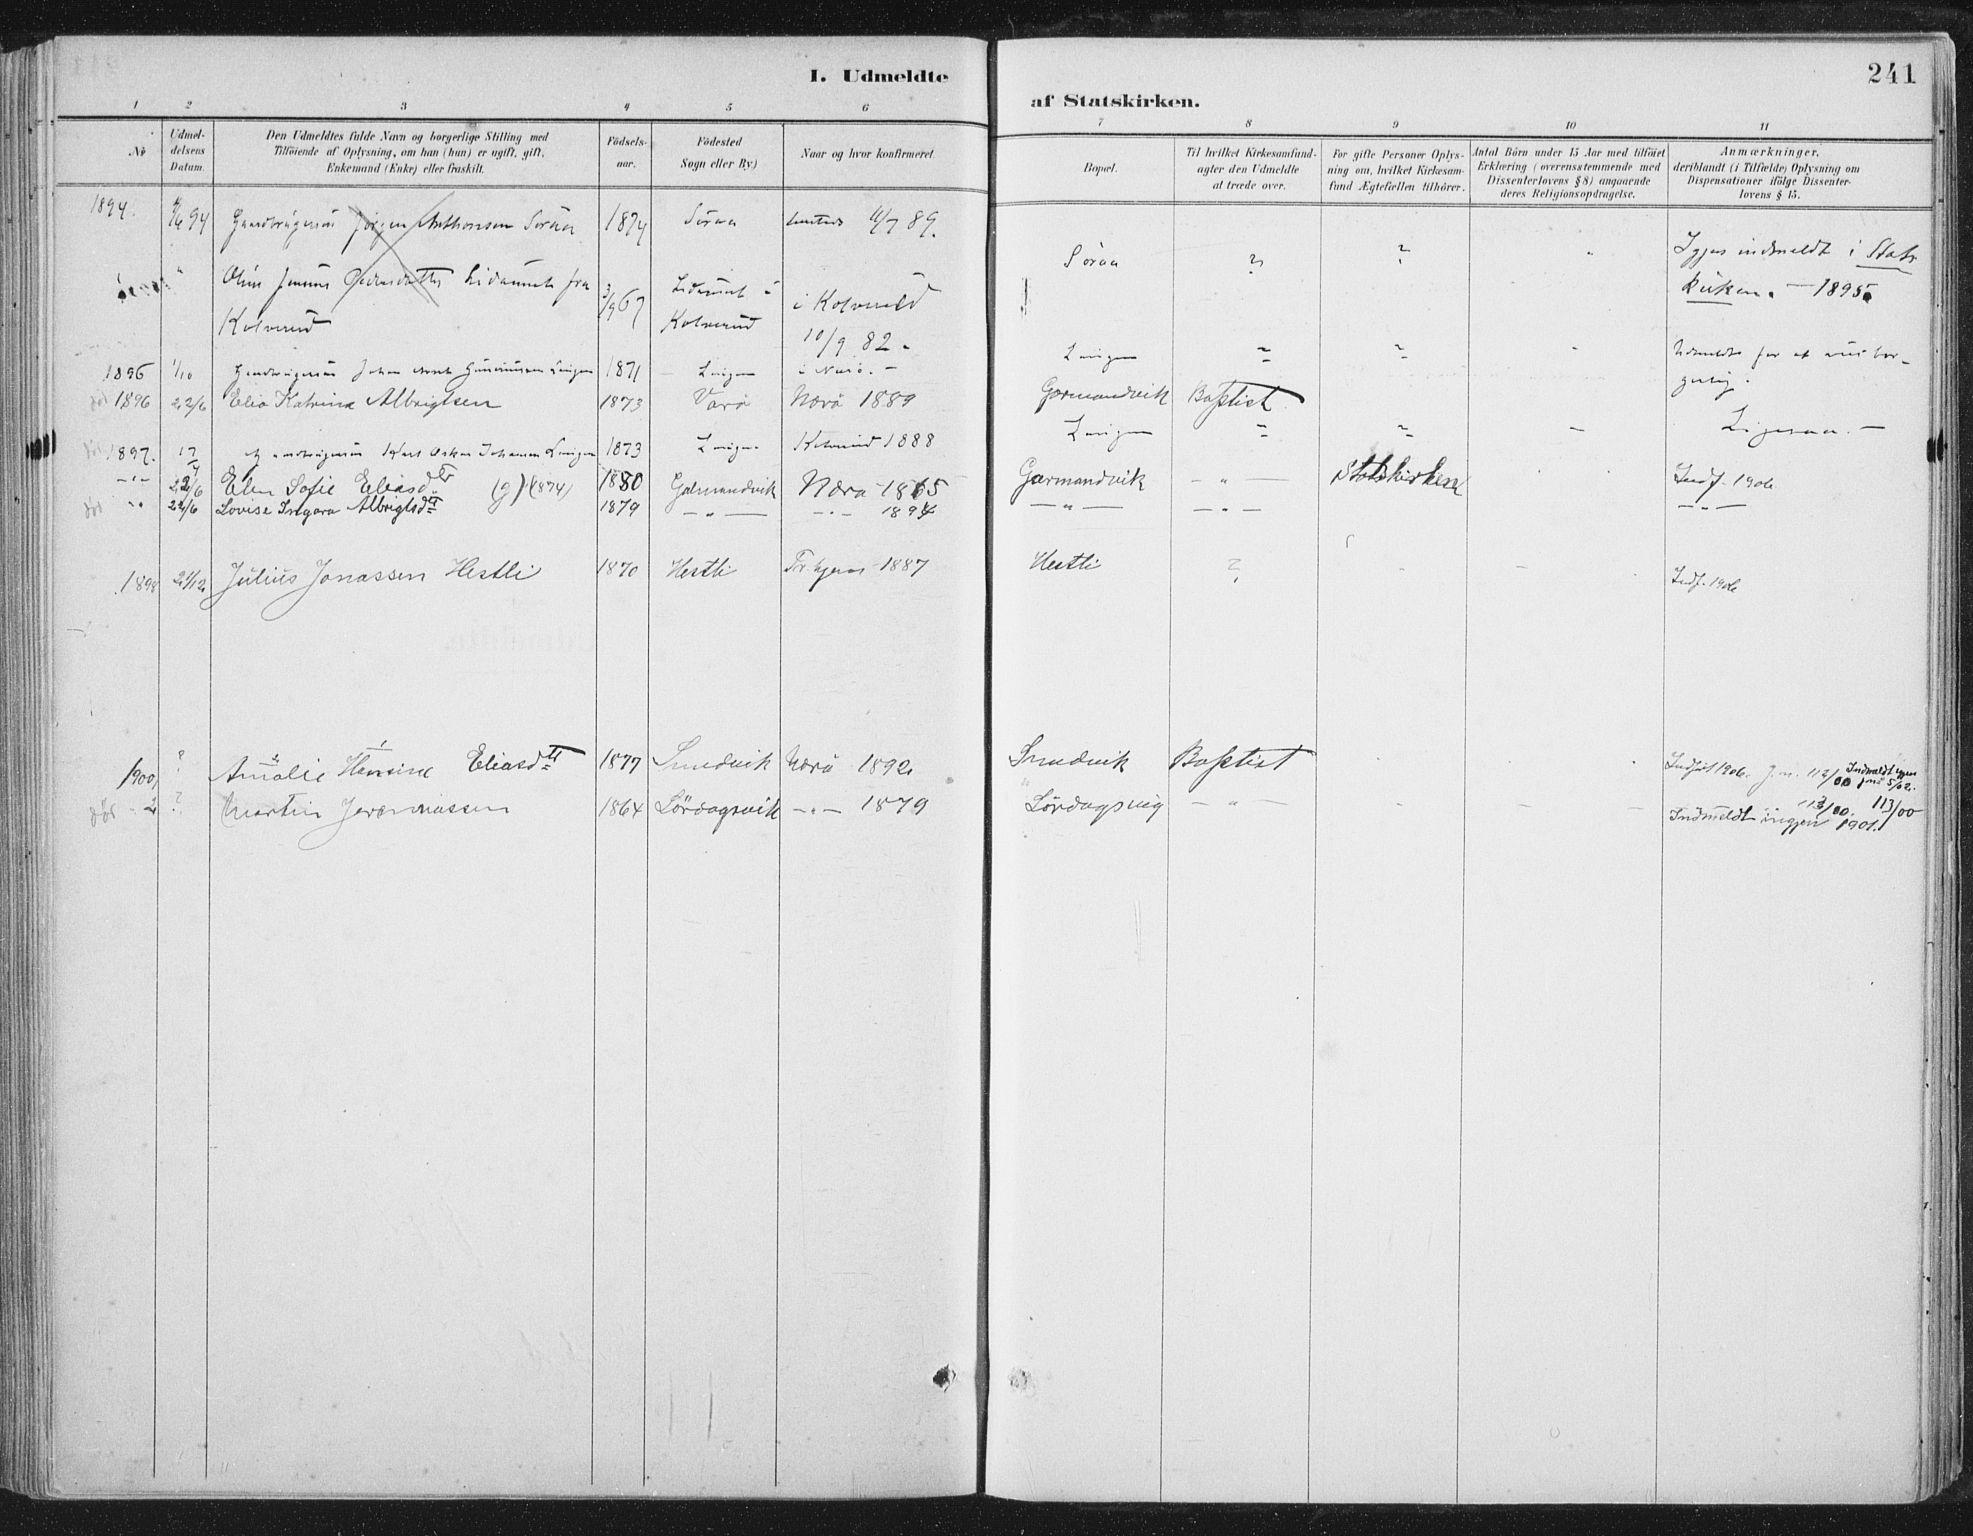 SAT, Ministerialprotokoller, klokkerbøker og fødselsregistre - Nord-Trøndelag, 784/L0673: Ministerialbok nr. 784A08, 1888-1899, s. 241